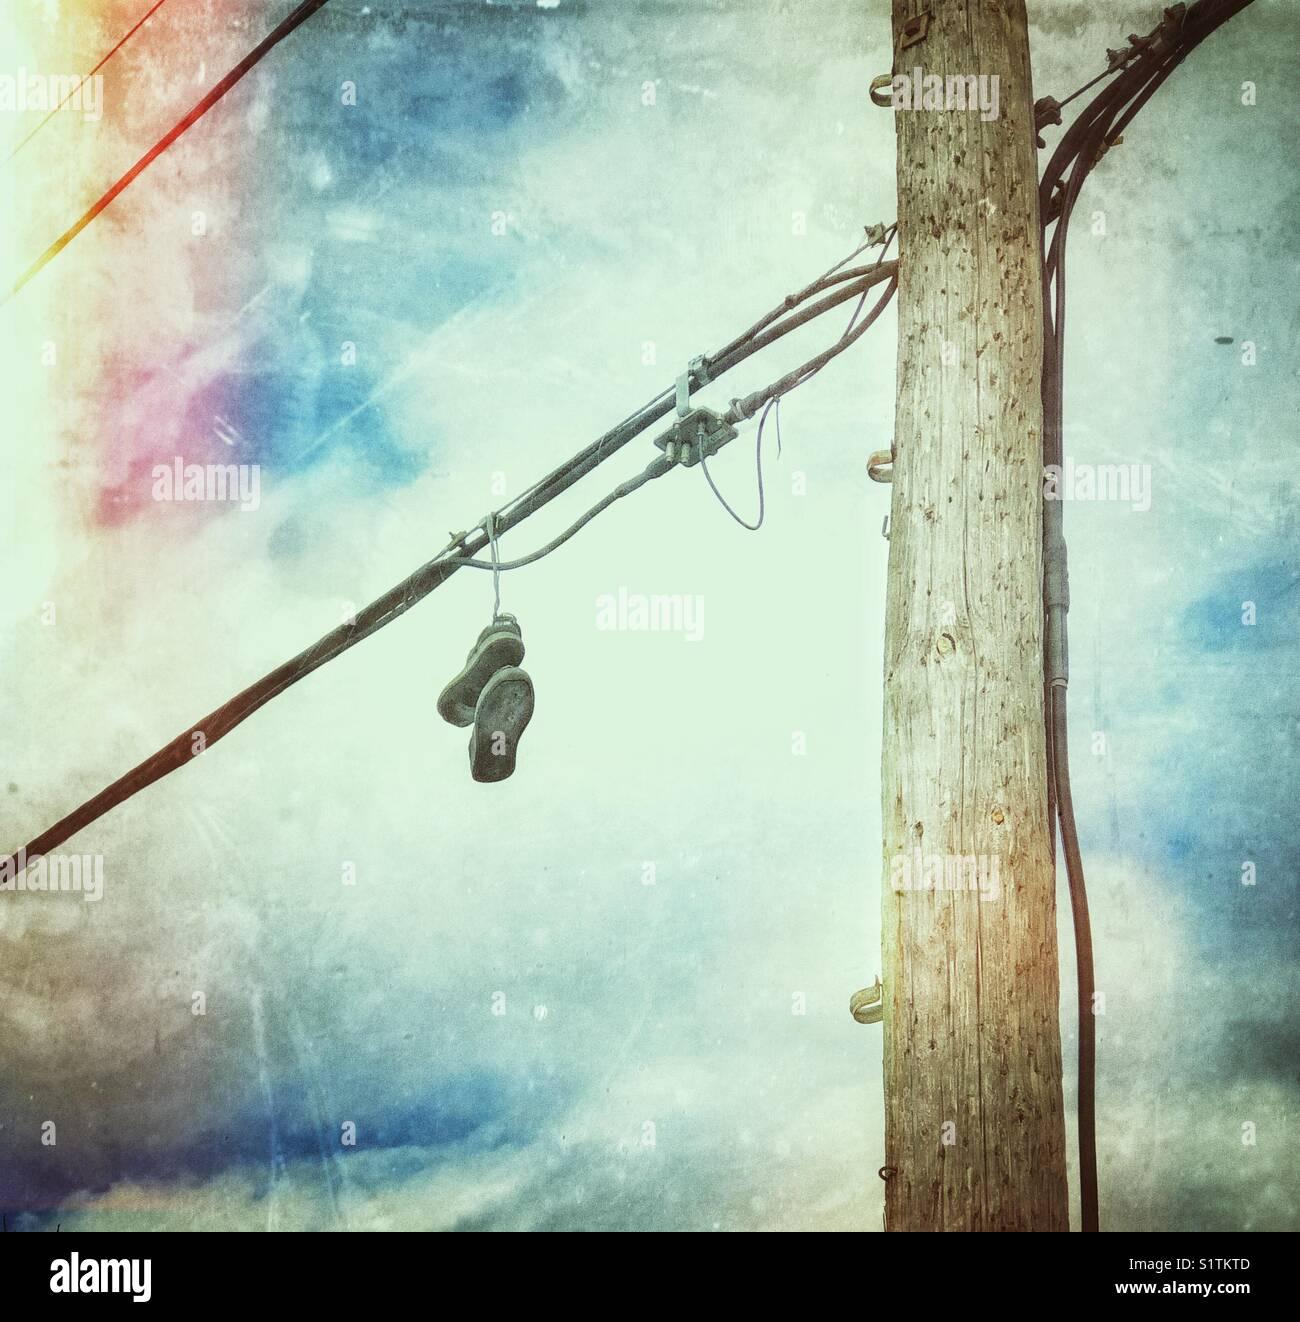 Laufschuhe hängend an einer elektrischen Leitung neben einem hydro ...